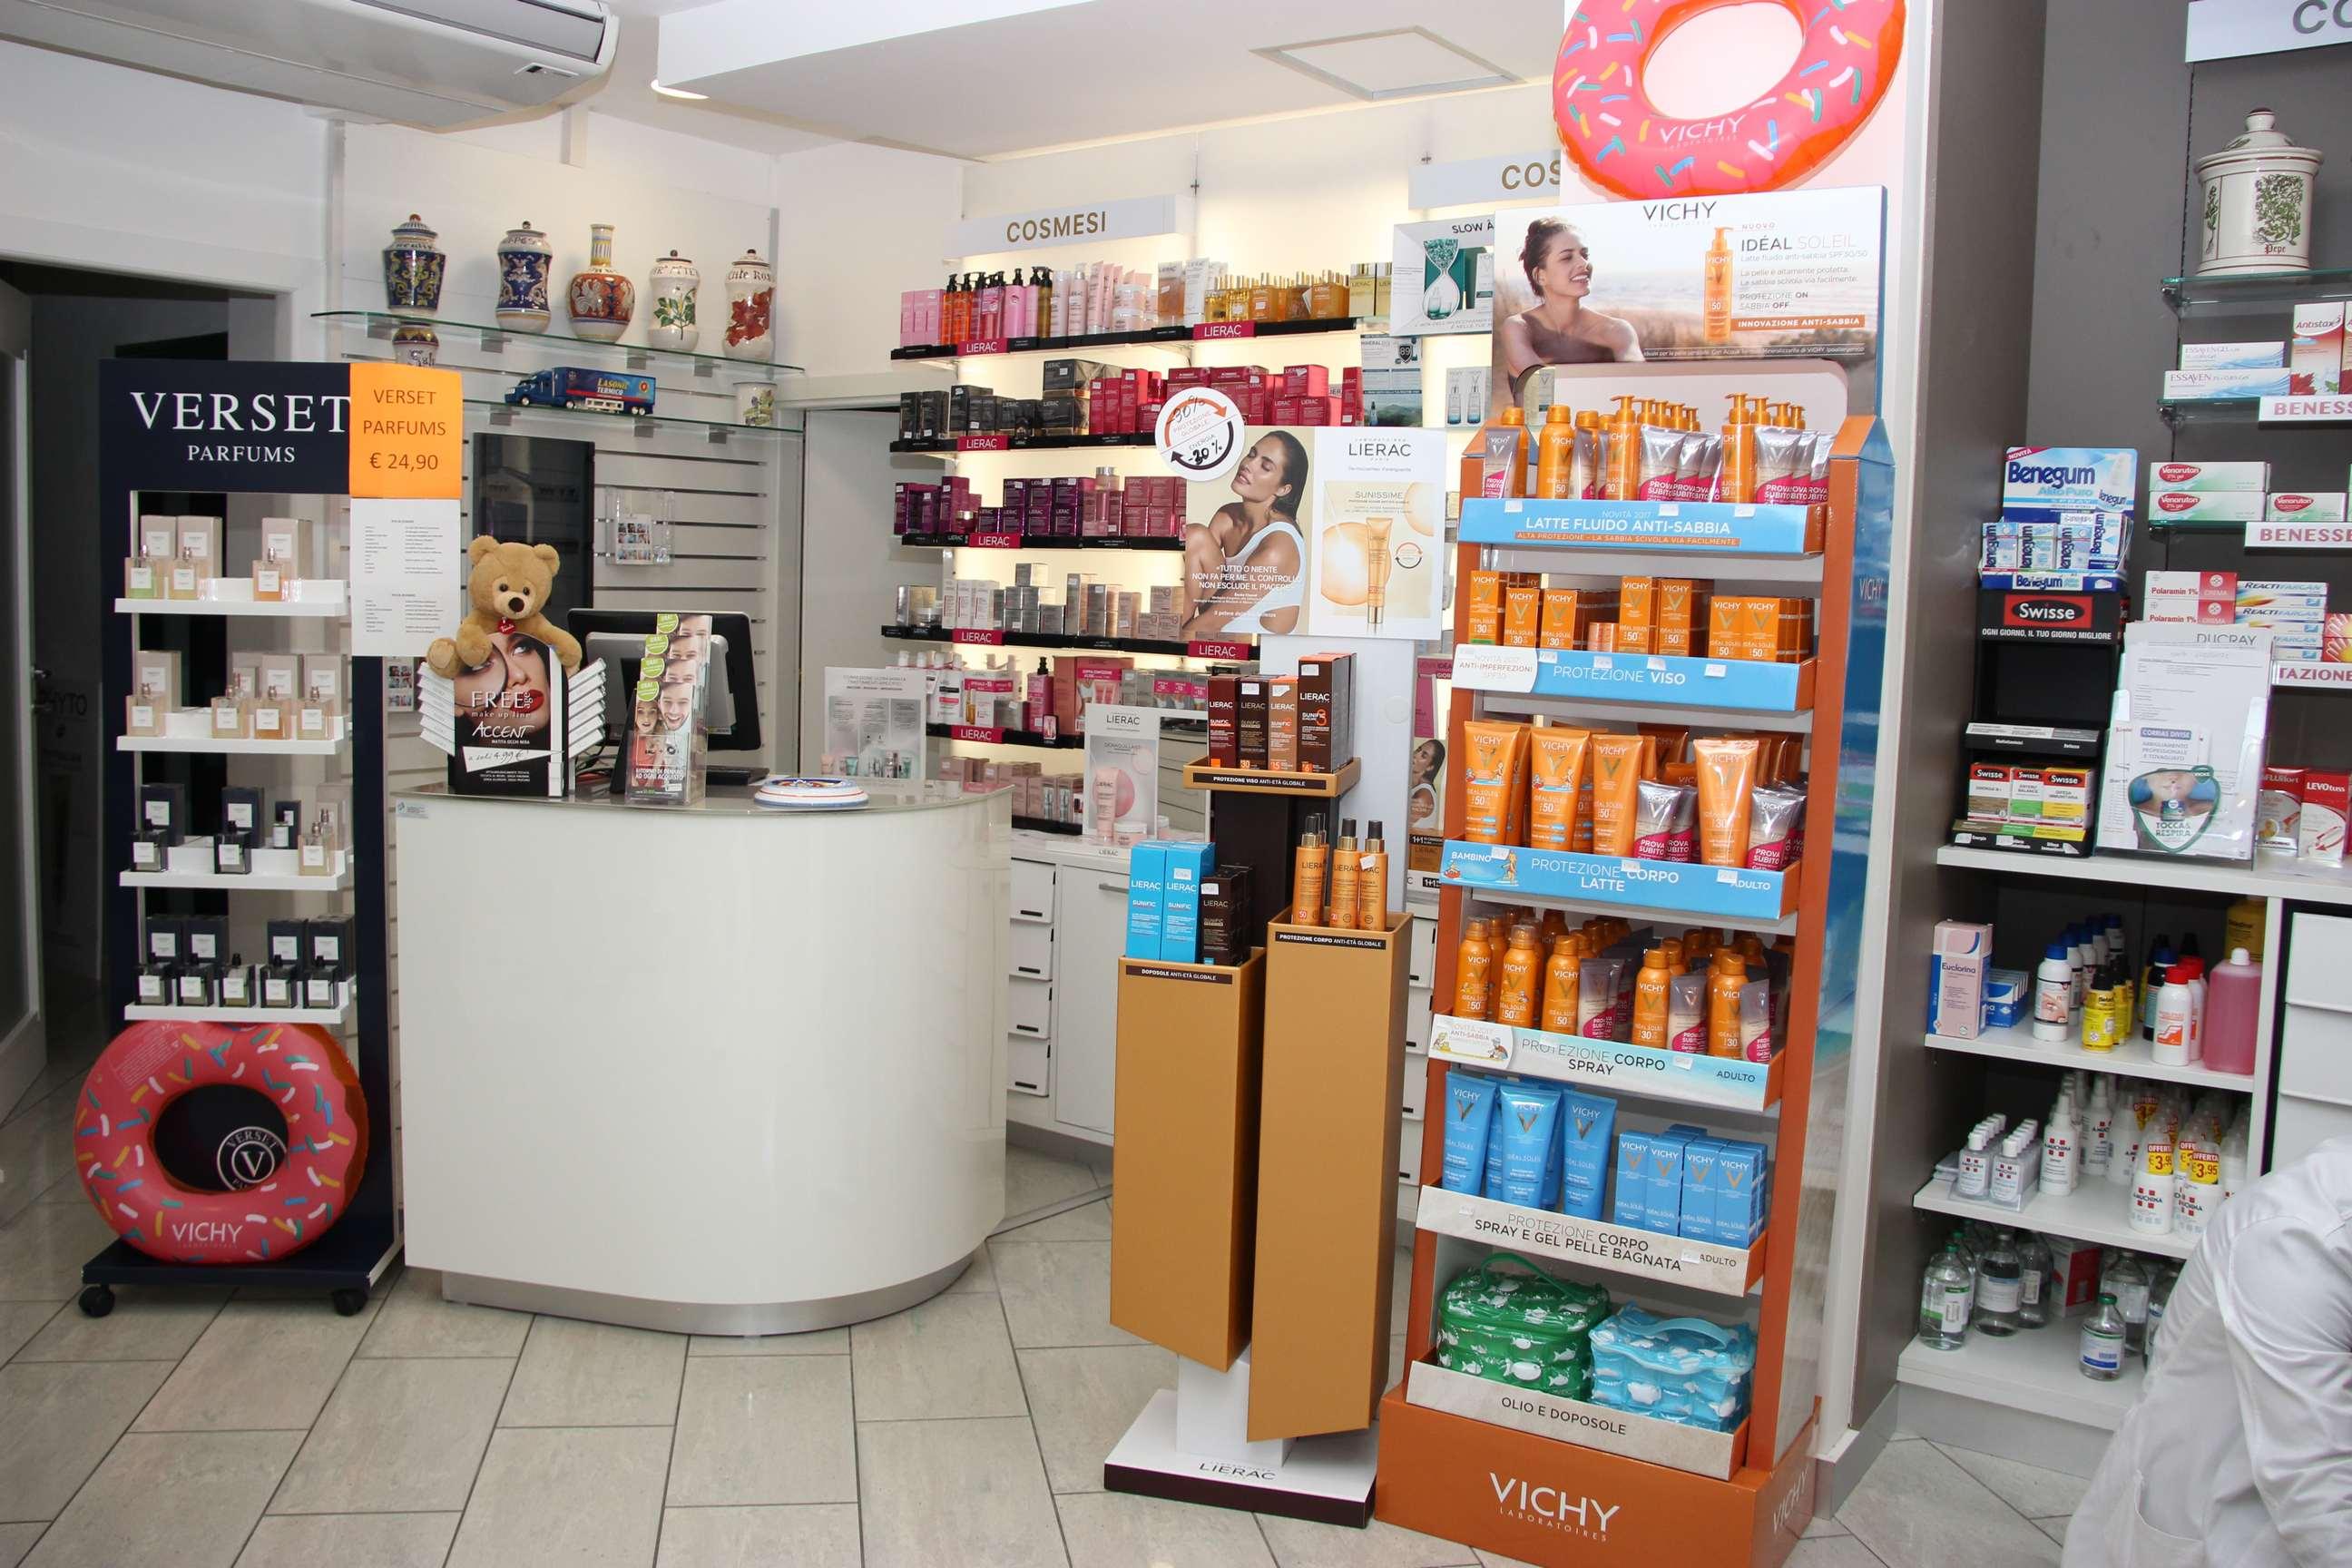 farmacia-delogu-sassari-lattedolce-turno-foto00019